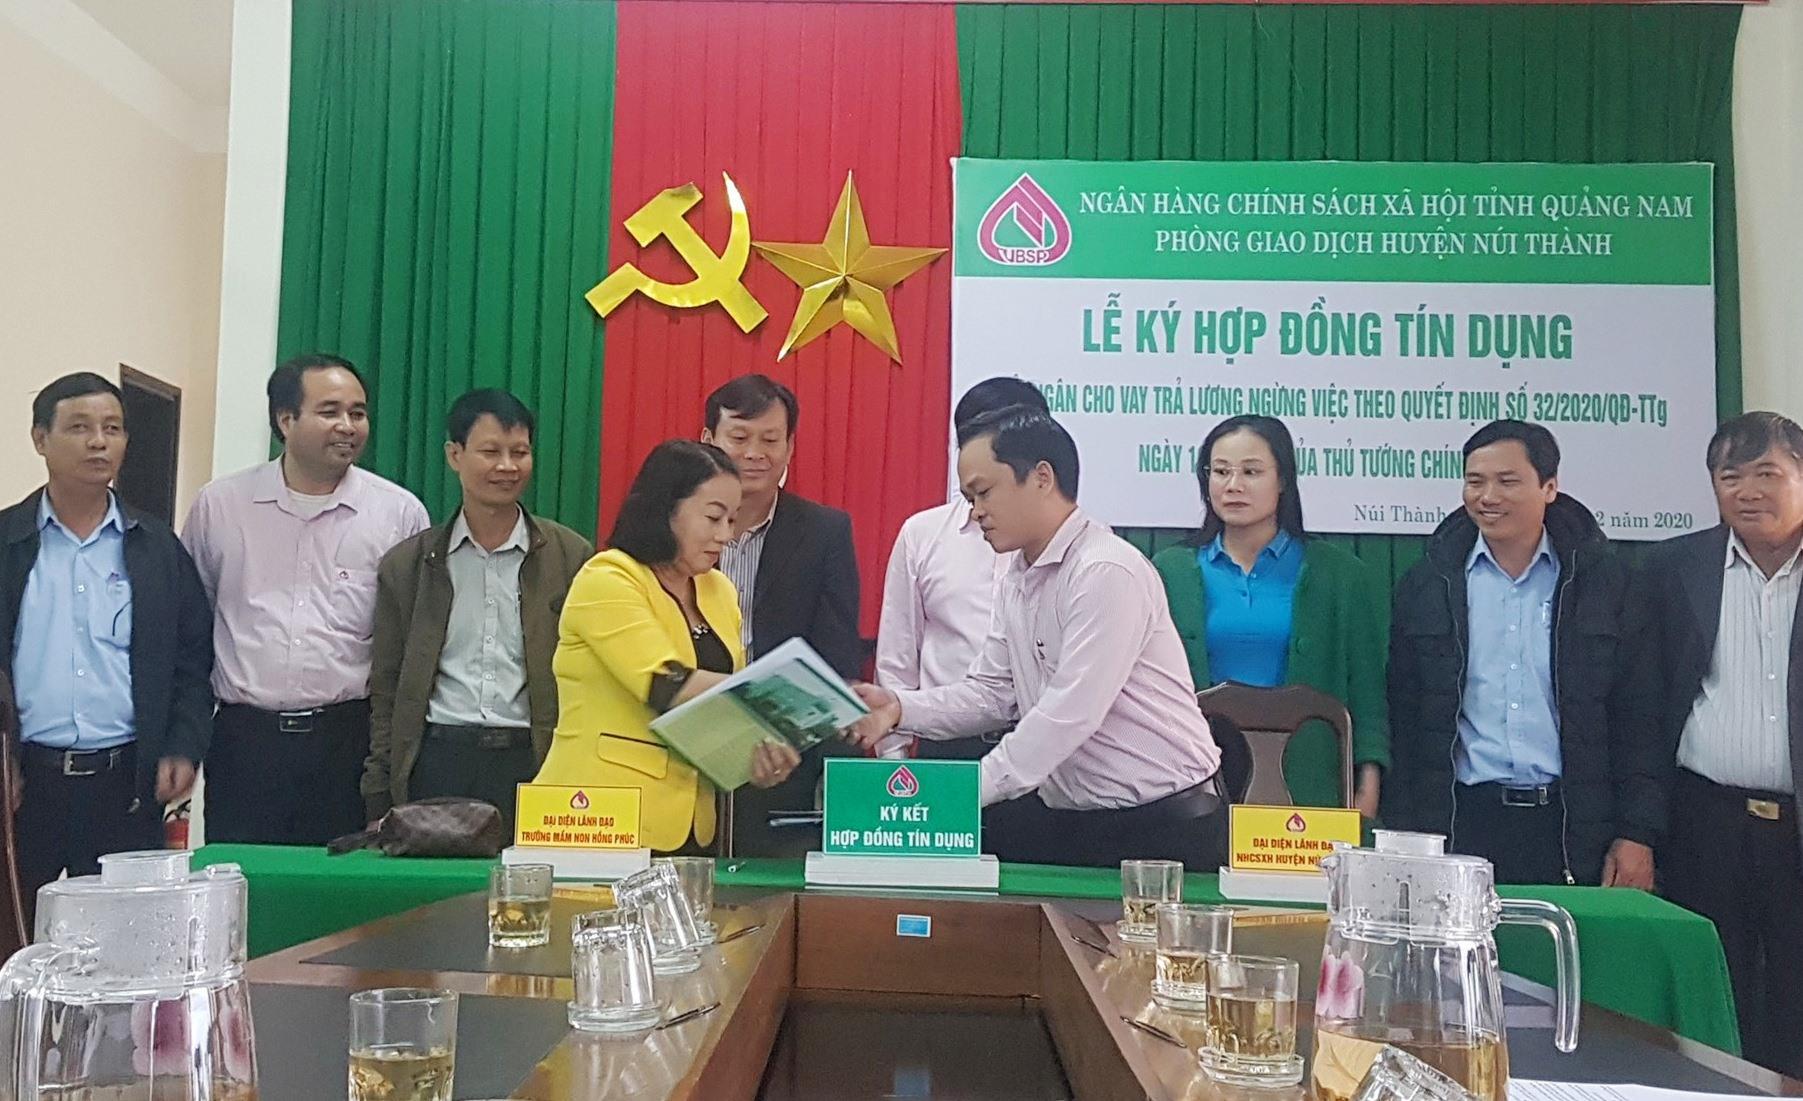 Một doanh nghiệp tại Núi Thành được hỗ trợ vay vốn trả lương cho người lao động trong đợt dịch đầu tiên theo Nghị quyết 42 của Chính phủ. Ảnh: D.L